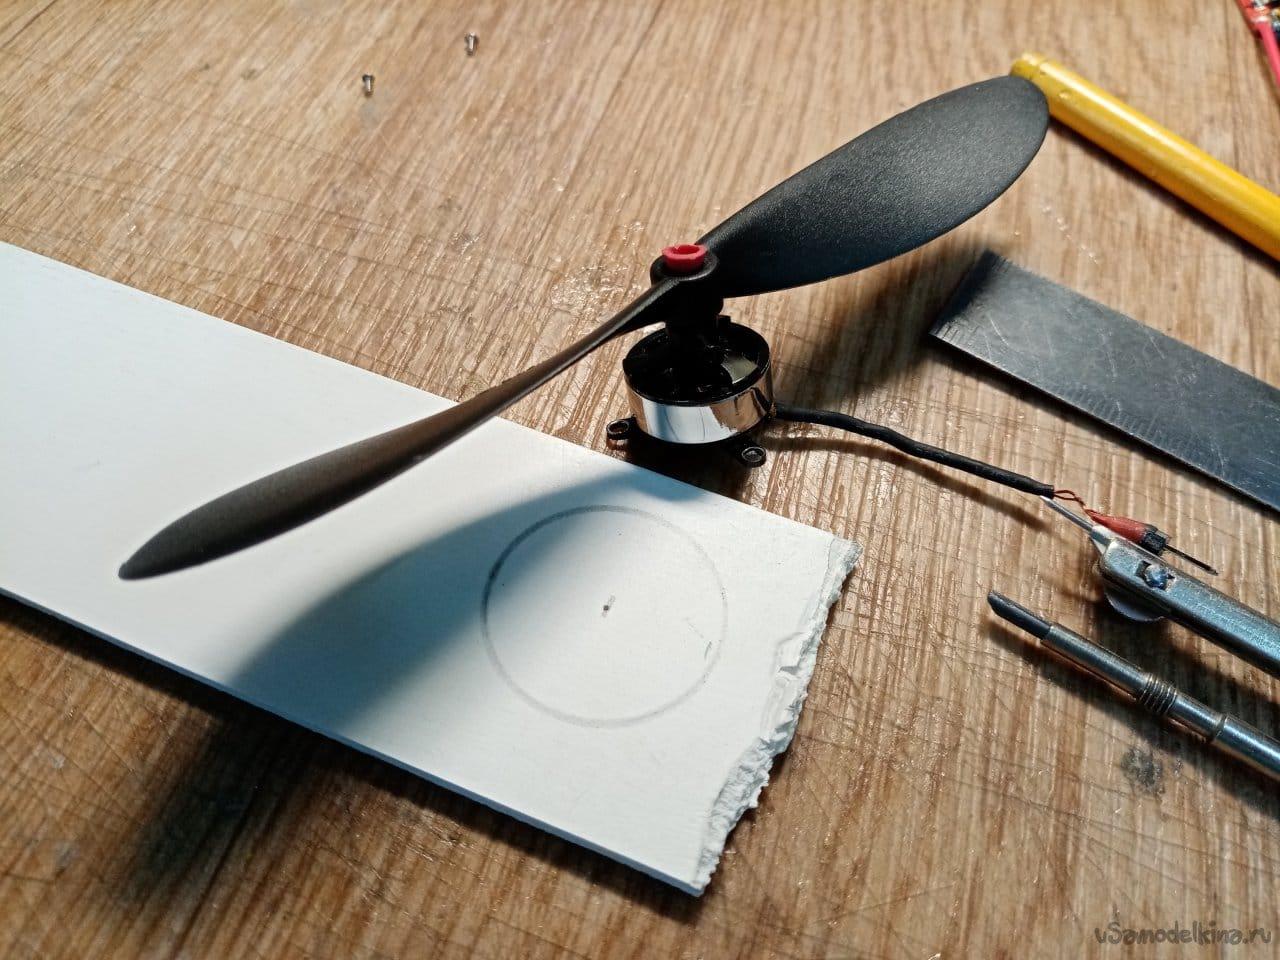 Изготовление летающего аппарата из детского планера